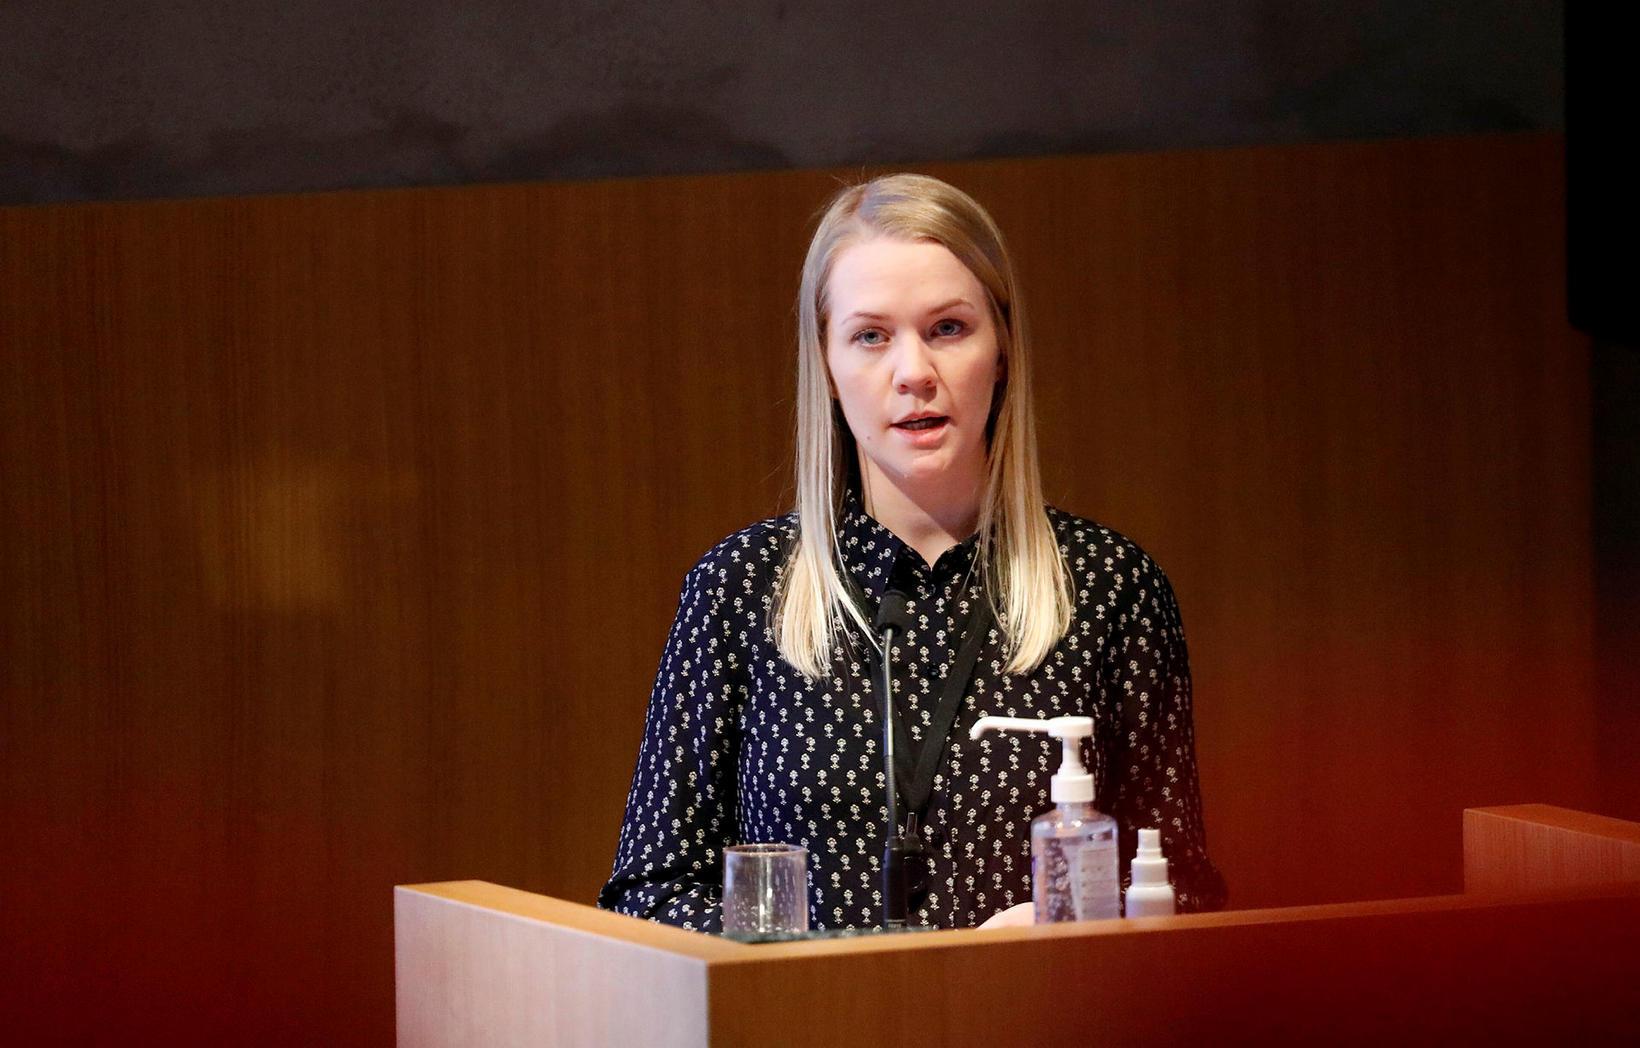 Erna Ívarsdóttir, statitician.